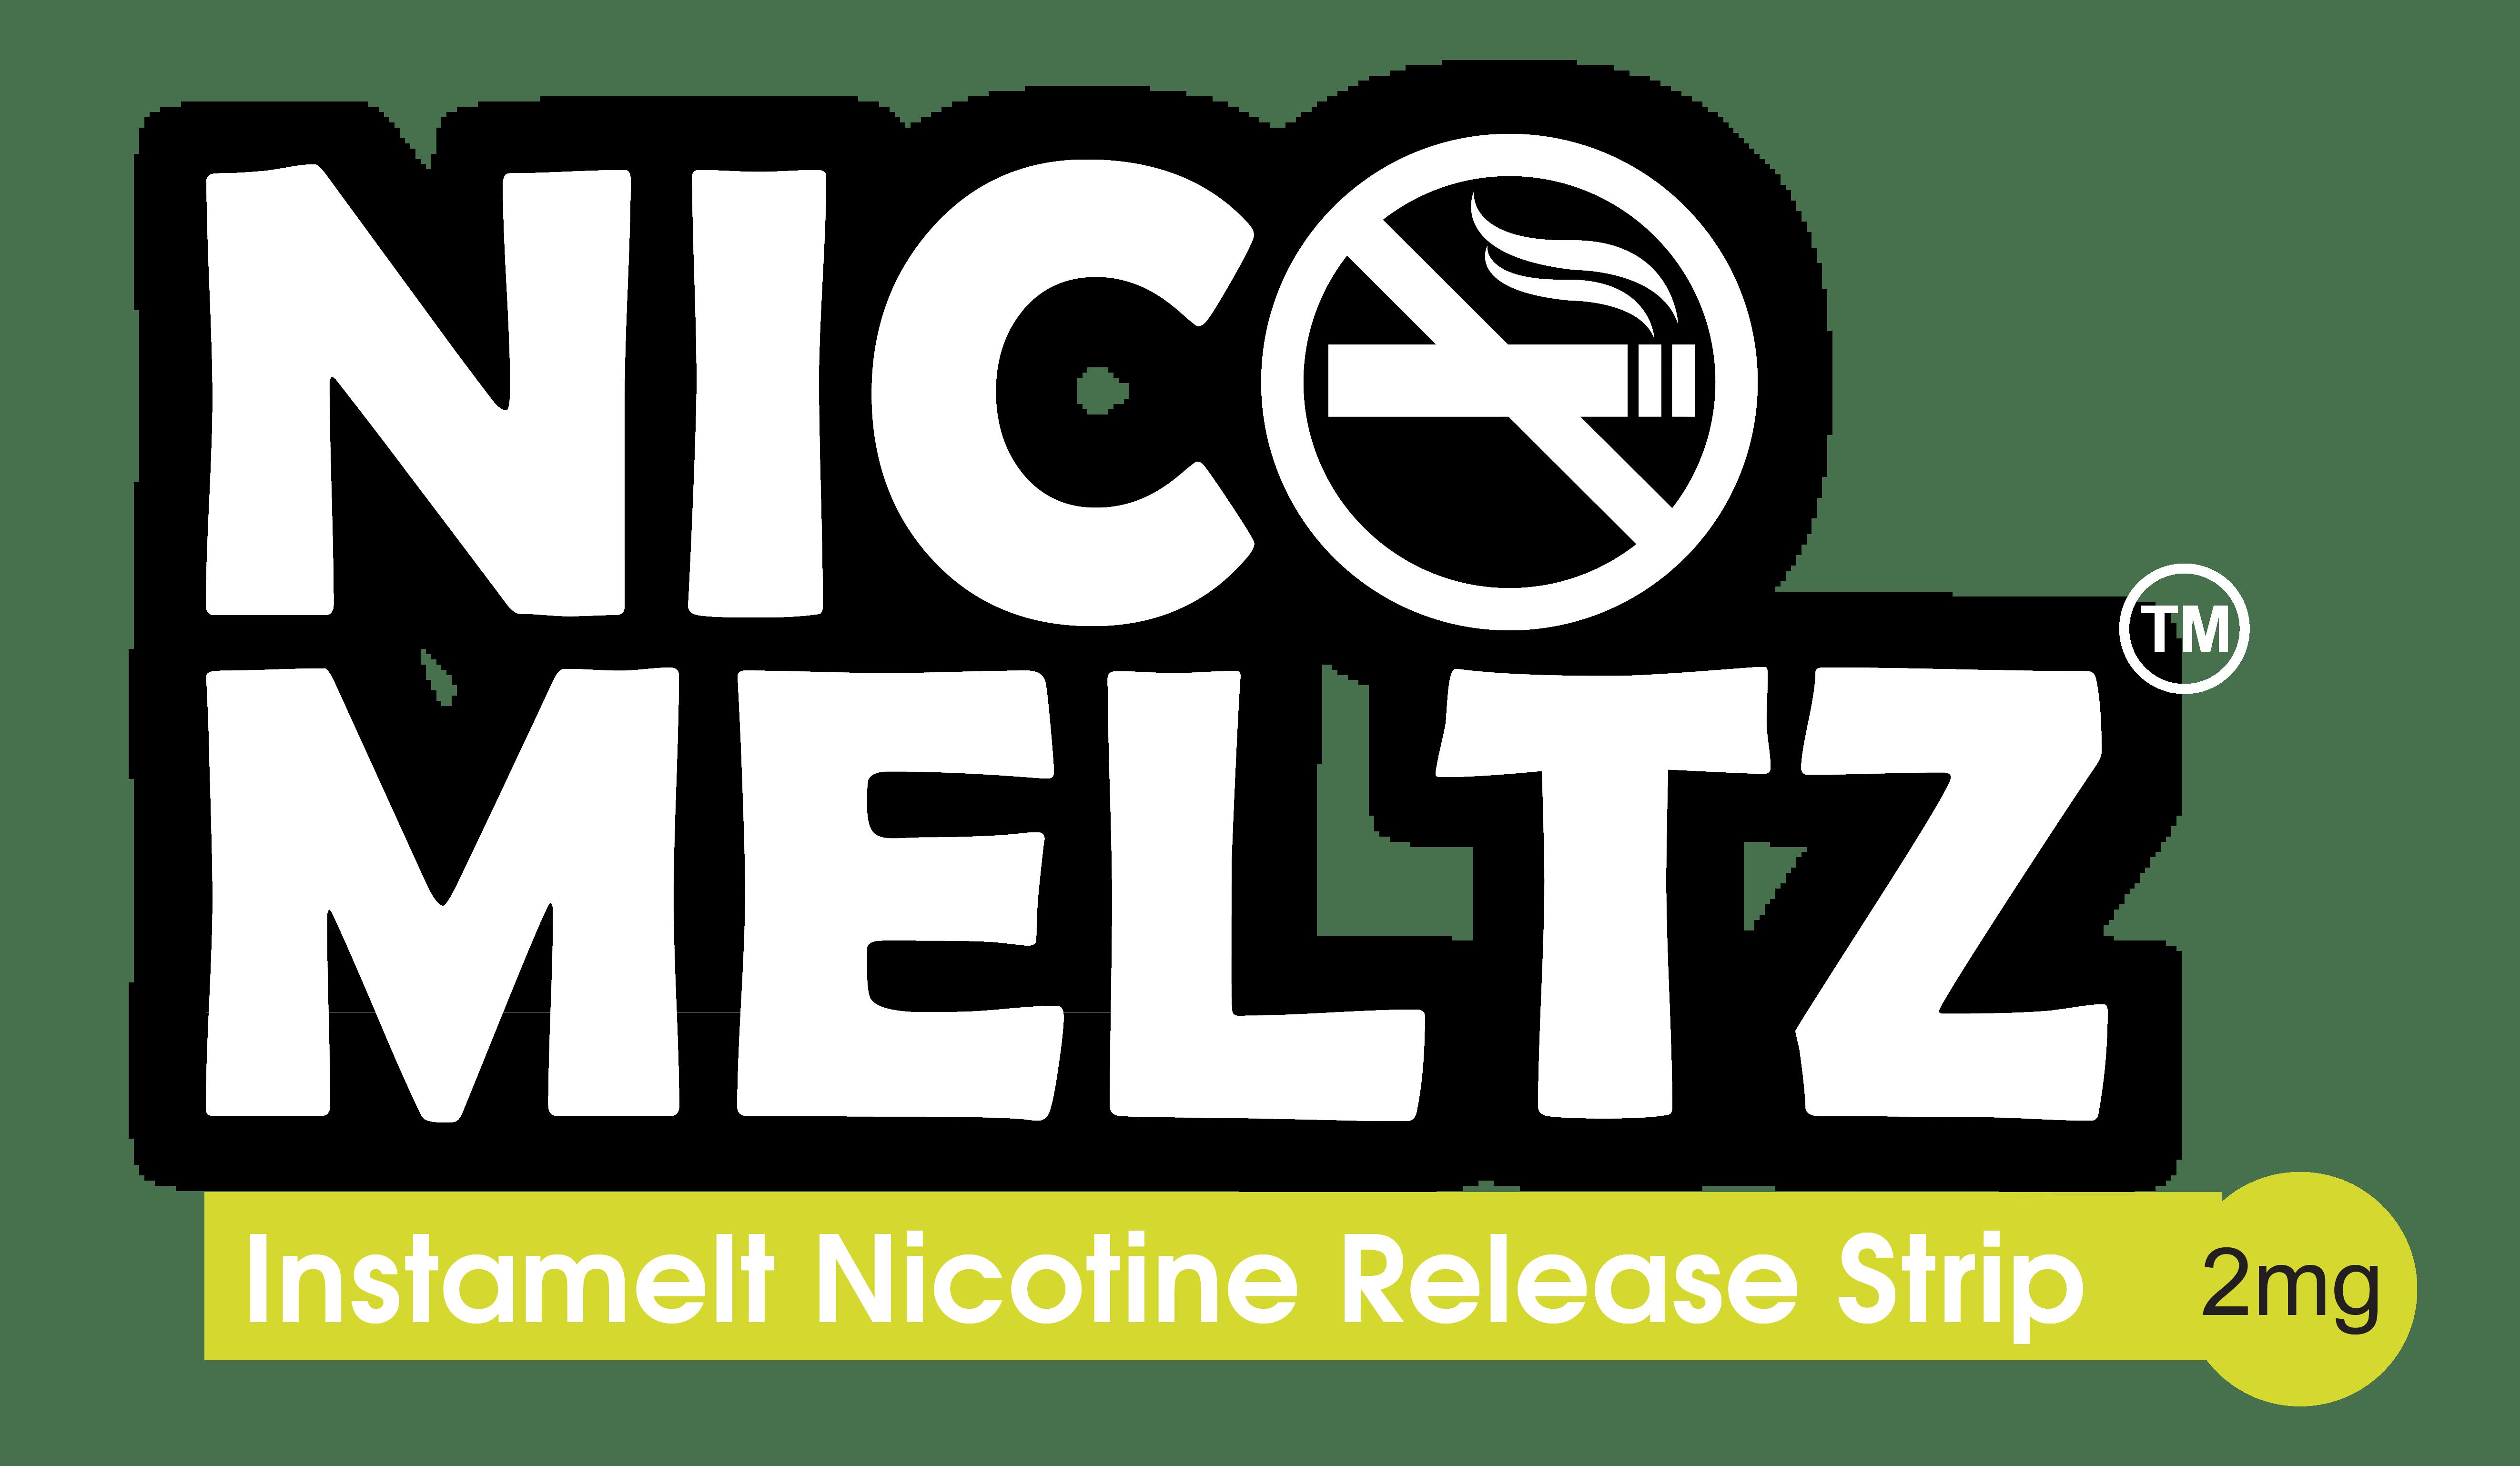 NicoMeltz